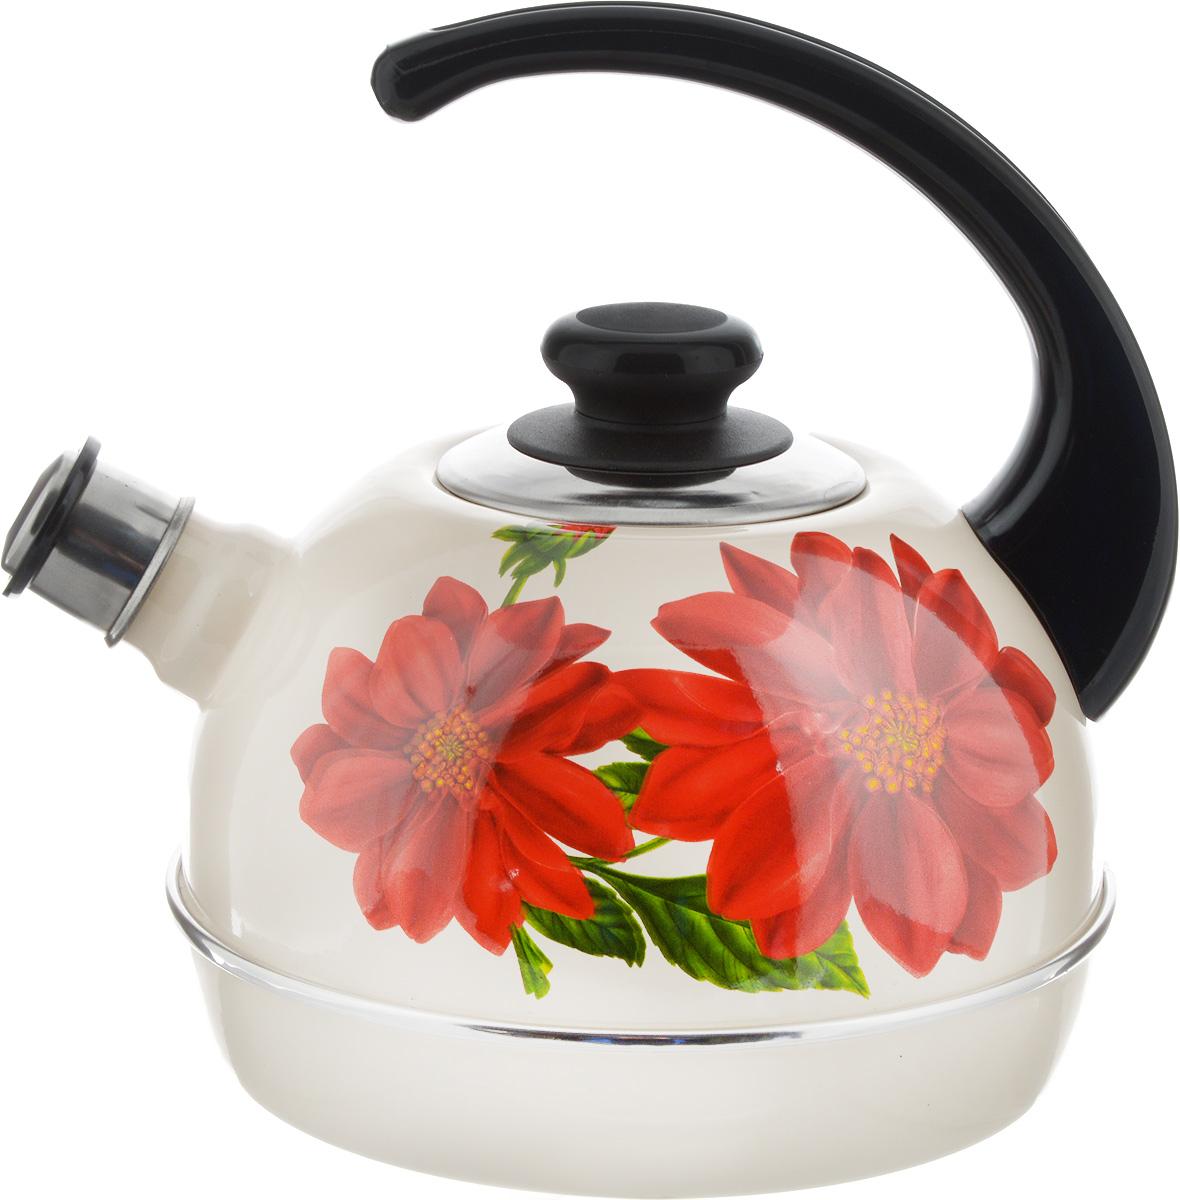 Чайник Рубин, со свистком, цвет: бежевый, красный, зеленый, 3,5 л54 009312Чайник Рубин выполнен из высококачественной стали, что обеспечивает долговечность использования. Внешнее цветное эмалевое покрытие придает приятный внешний вид. Пластиковая фиксированная ручка делает использование чайника очень удобным и безопасным. Чайник снабжен съемным свистком.Можно мыть в посудомоечной машине. Пригоден для всех видов плит, включая индукционные.Высота чайника (без учета крышки и ручки): 14 см.Диаметр основания: 19 см.